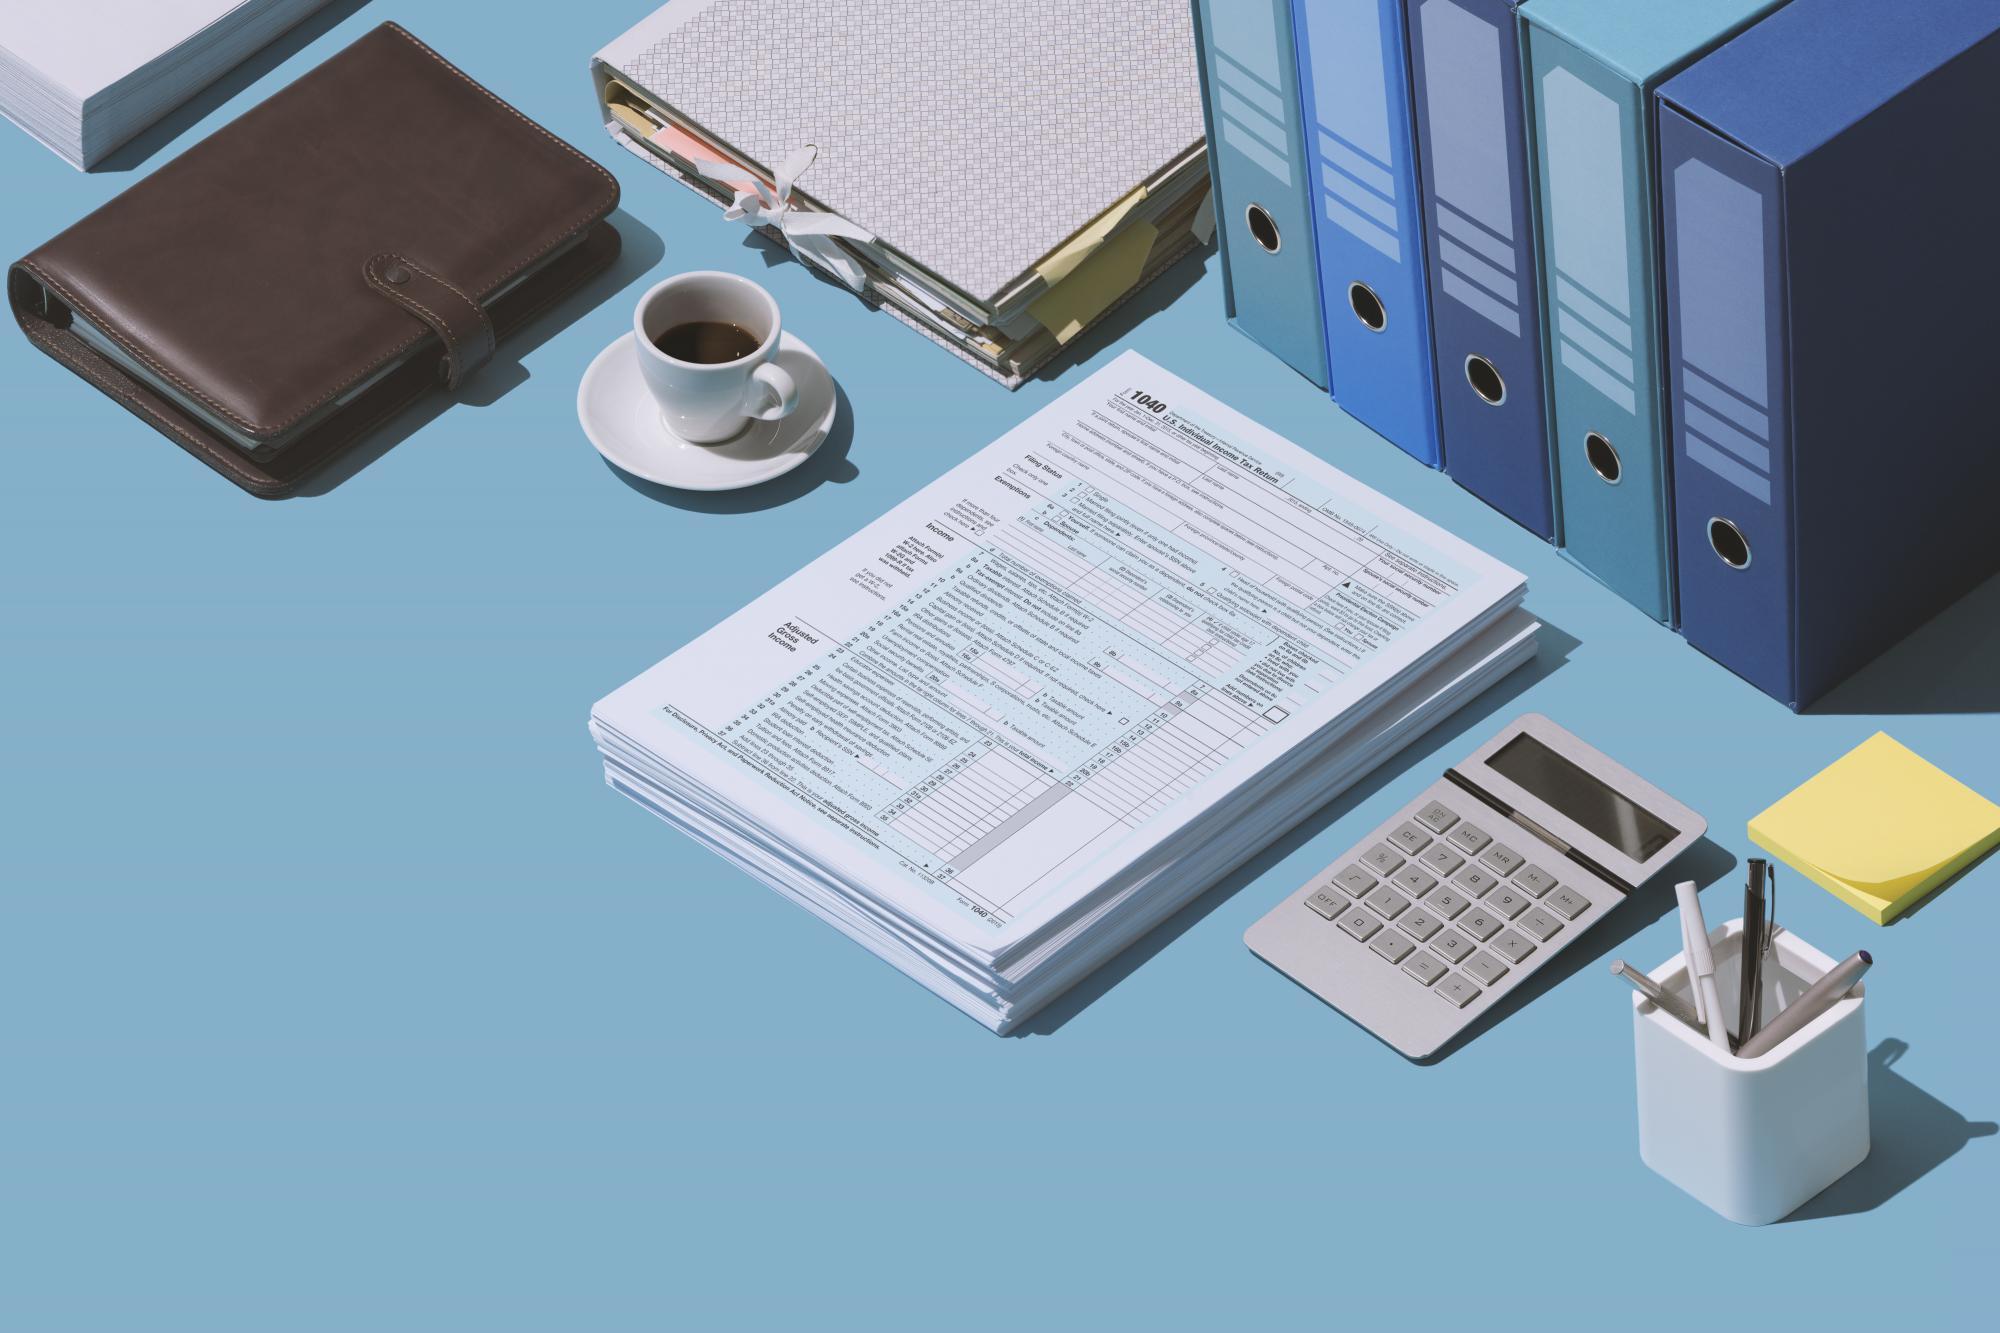 Изменятся коды видов доходов и вычетов в справке 2-НДФЛ